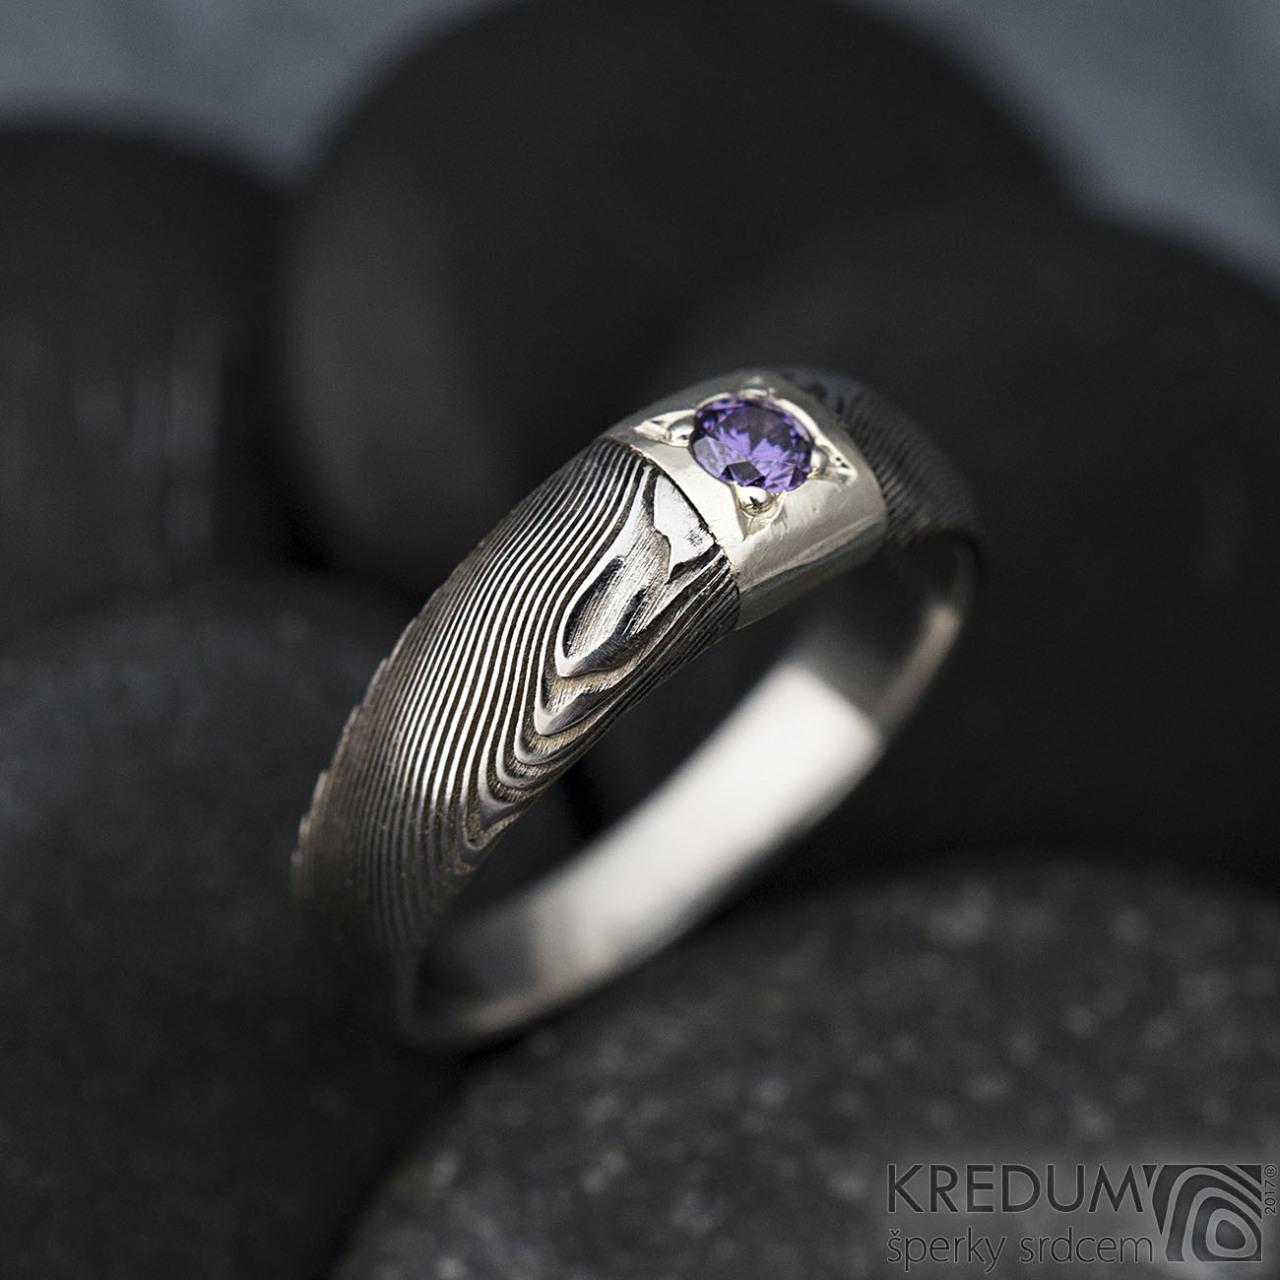 Siona Space S Cirym Diamantem O Prumeru 3 Mm Damasteel Prsten